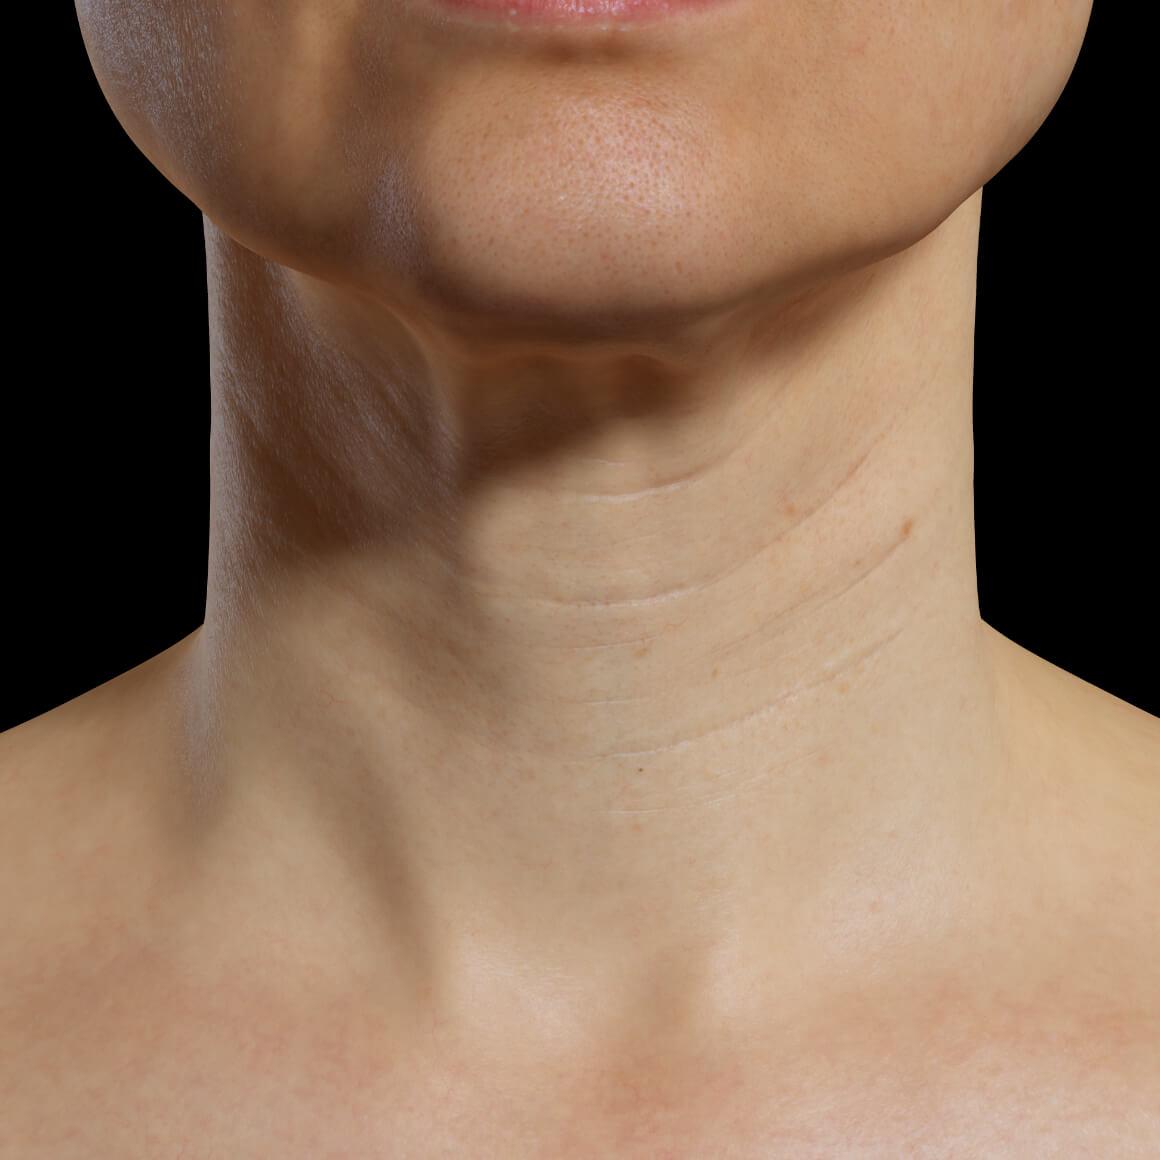 Une patiente de la Clinique Chloé positionnée de face montrant une région du cou ayant des rides